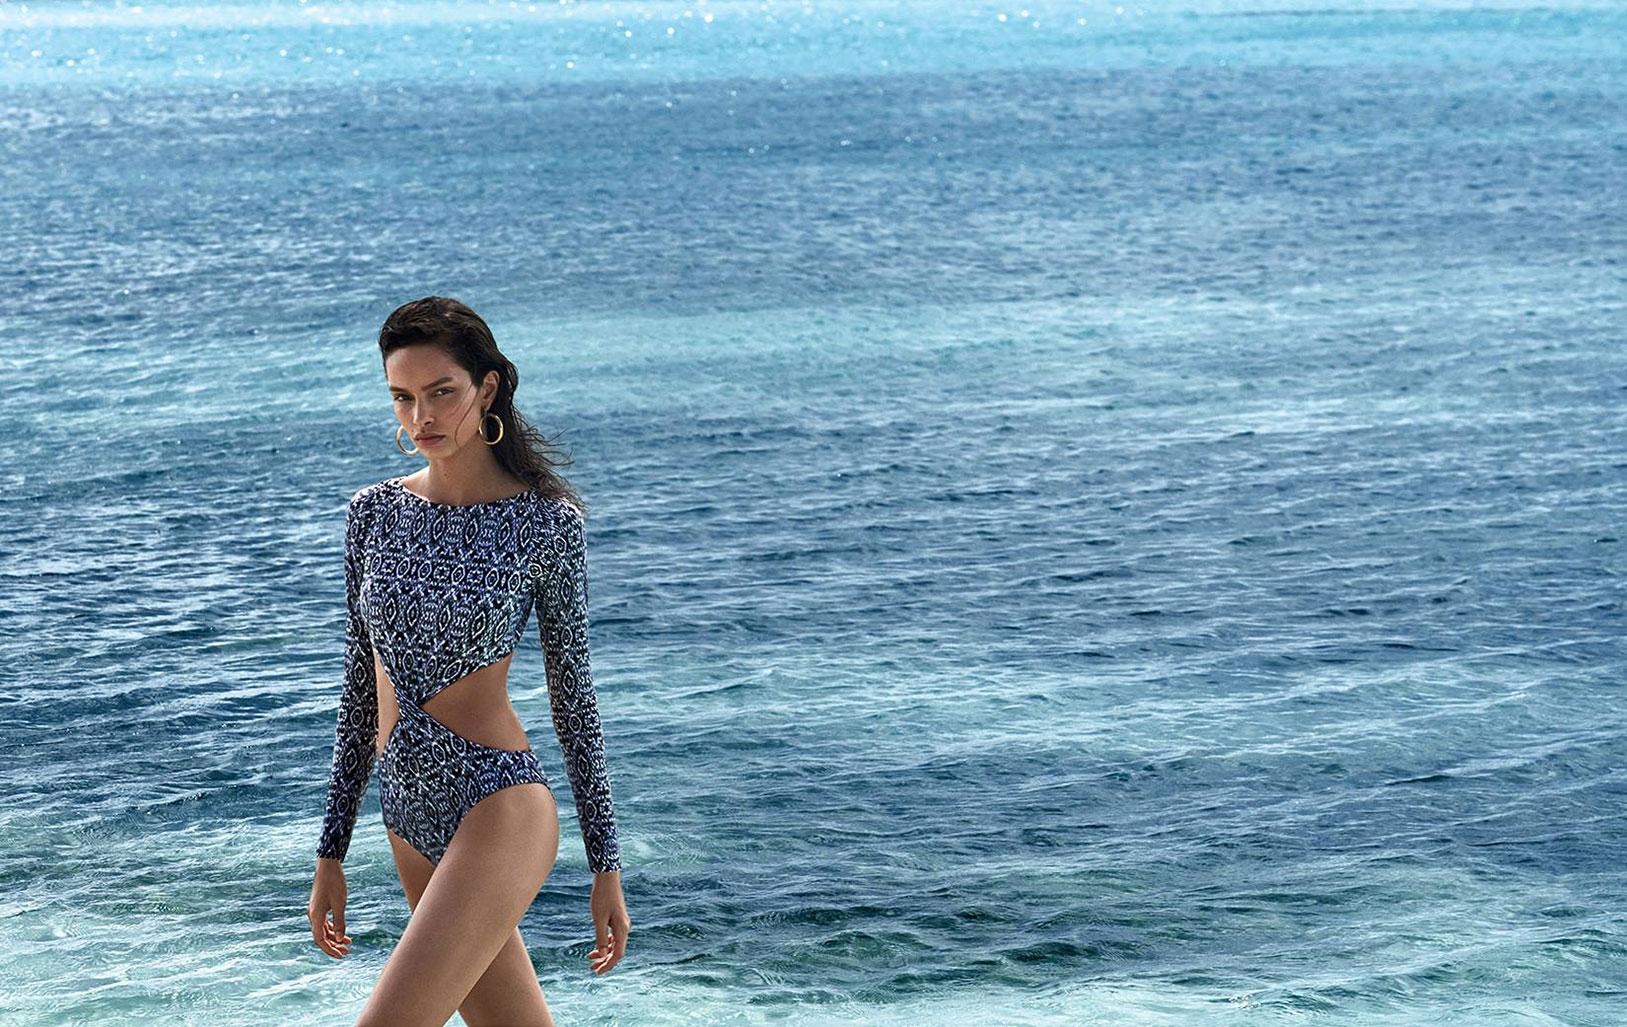 Лума Гроте в купальниках и пляжной одежде модного бренда Cia Maritima / фото 15